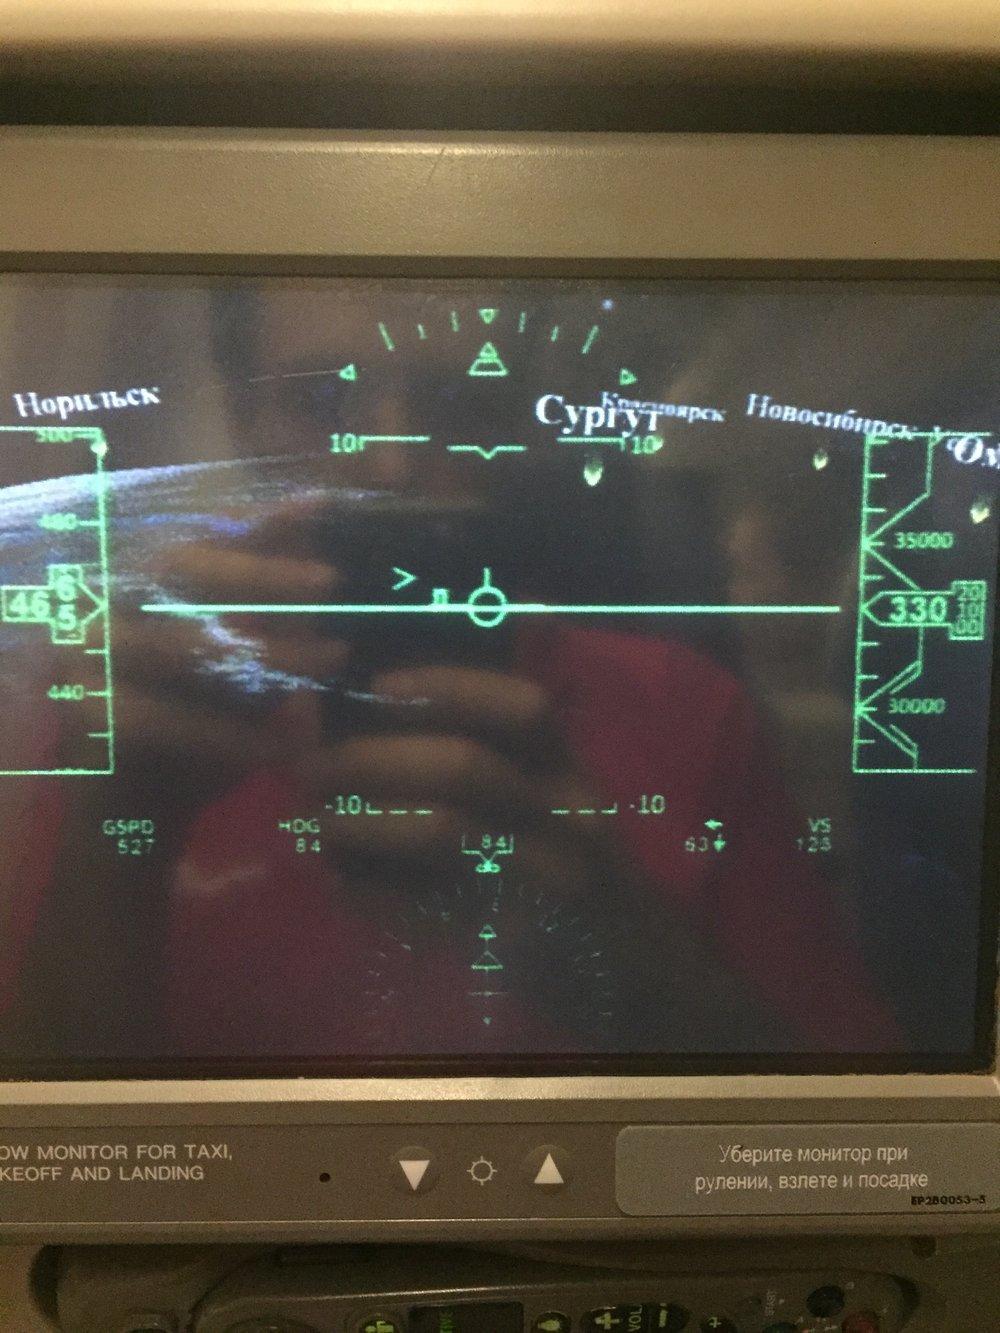 rossiya inflight screen.JPG